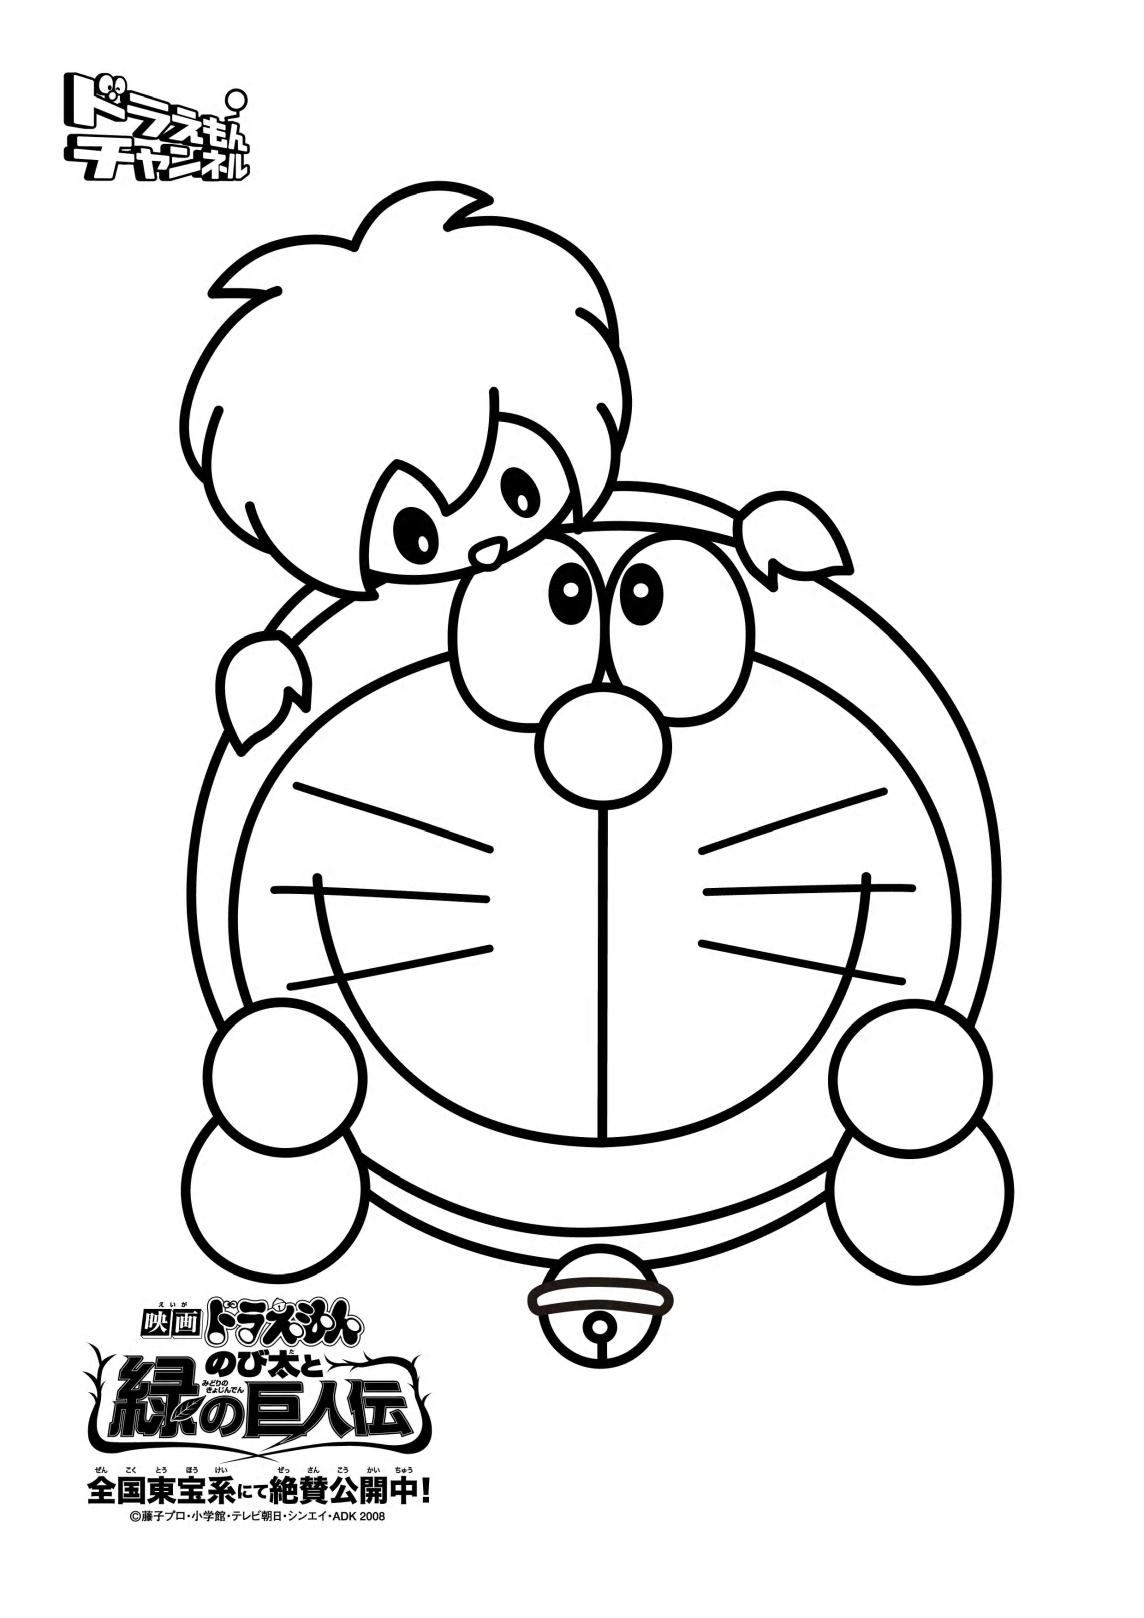 Doraemon coloring pages games kids